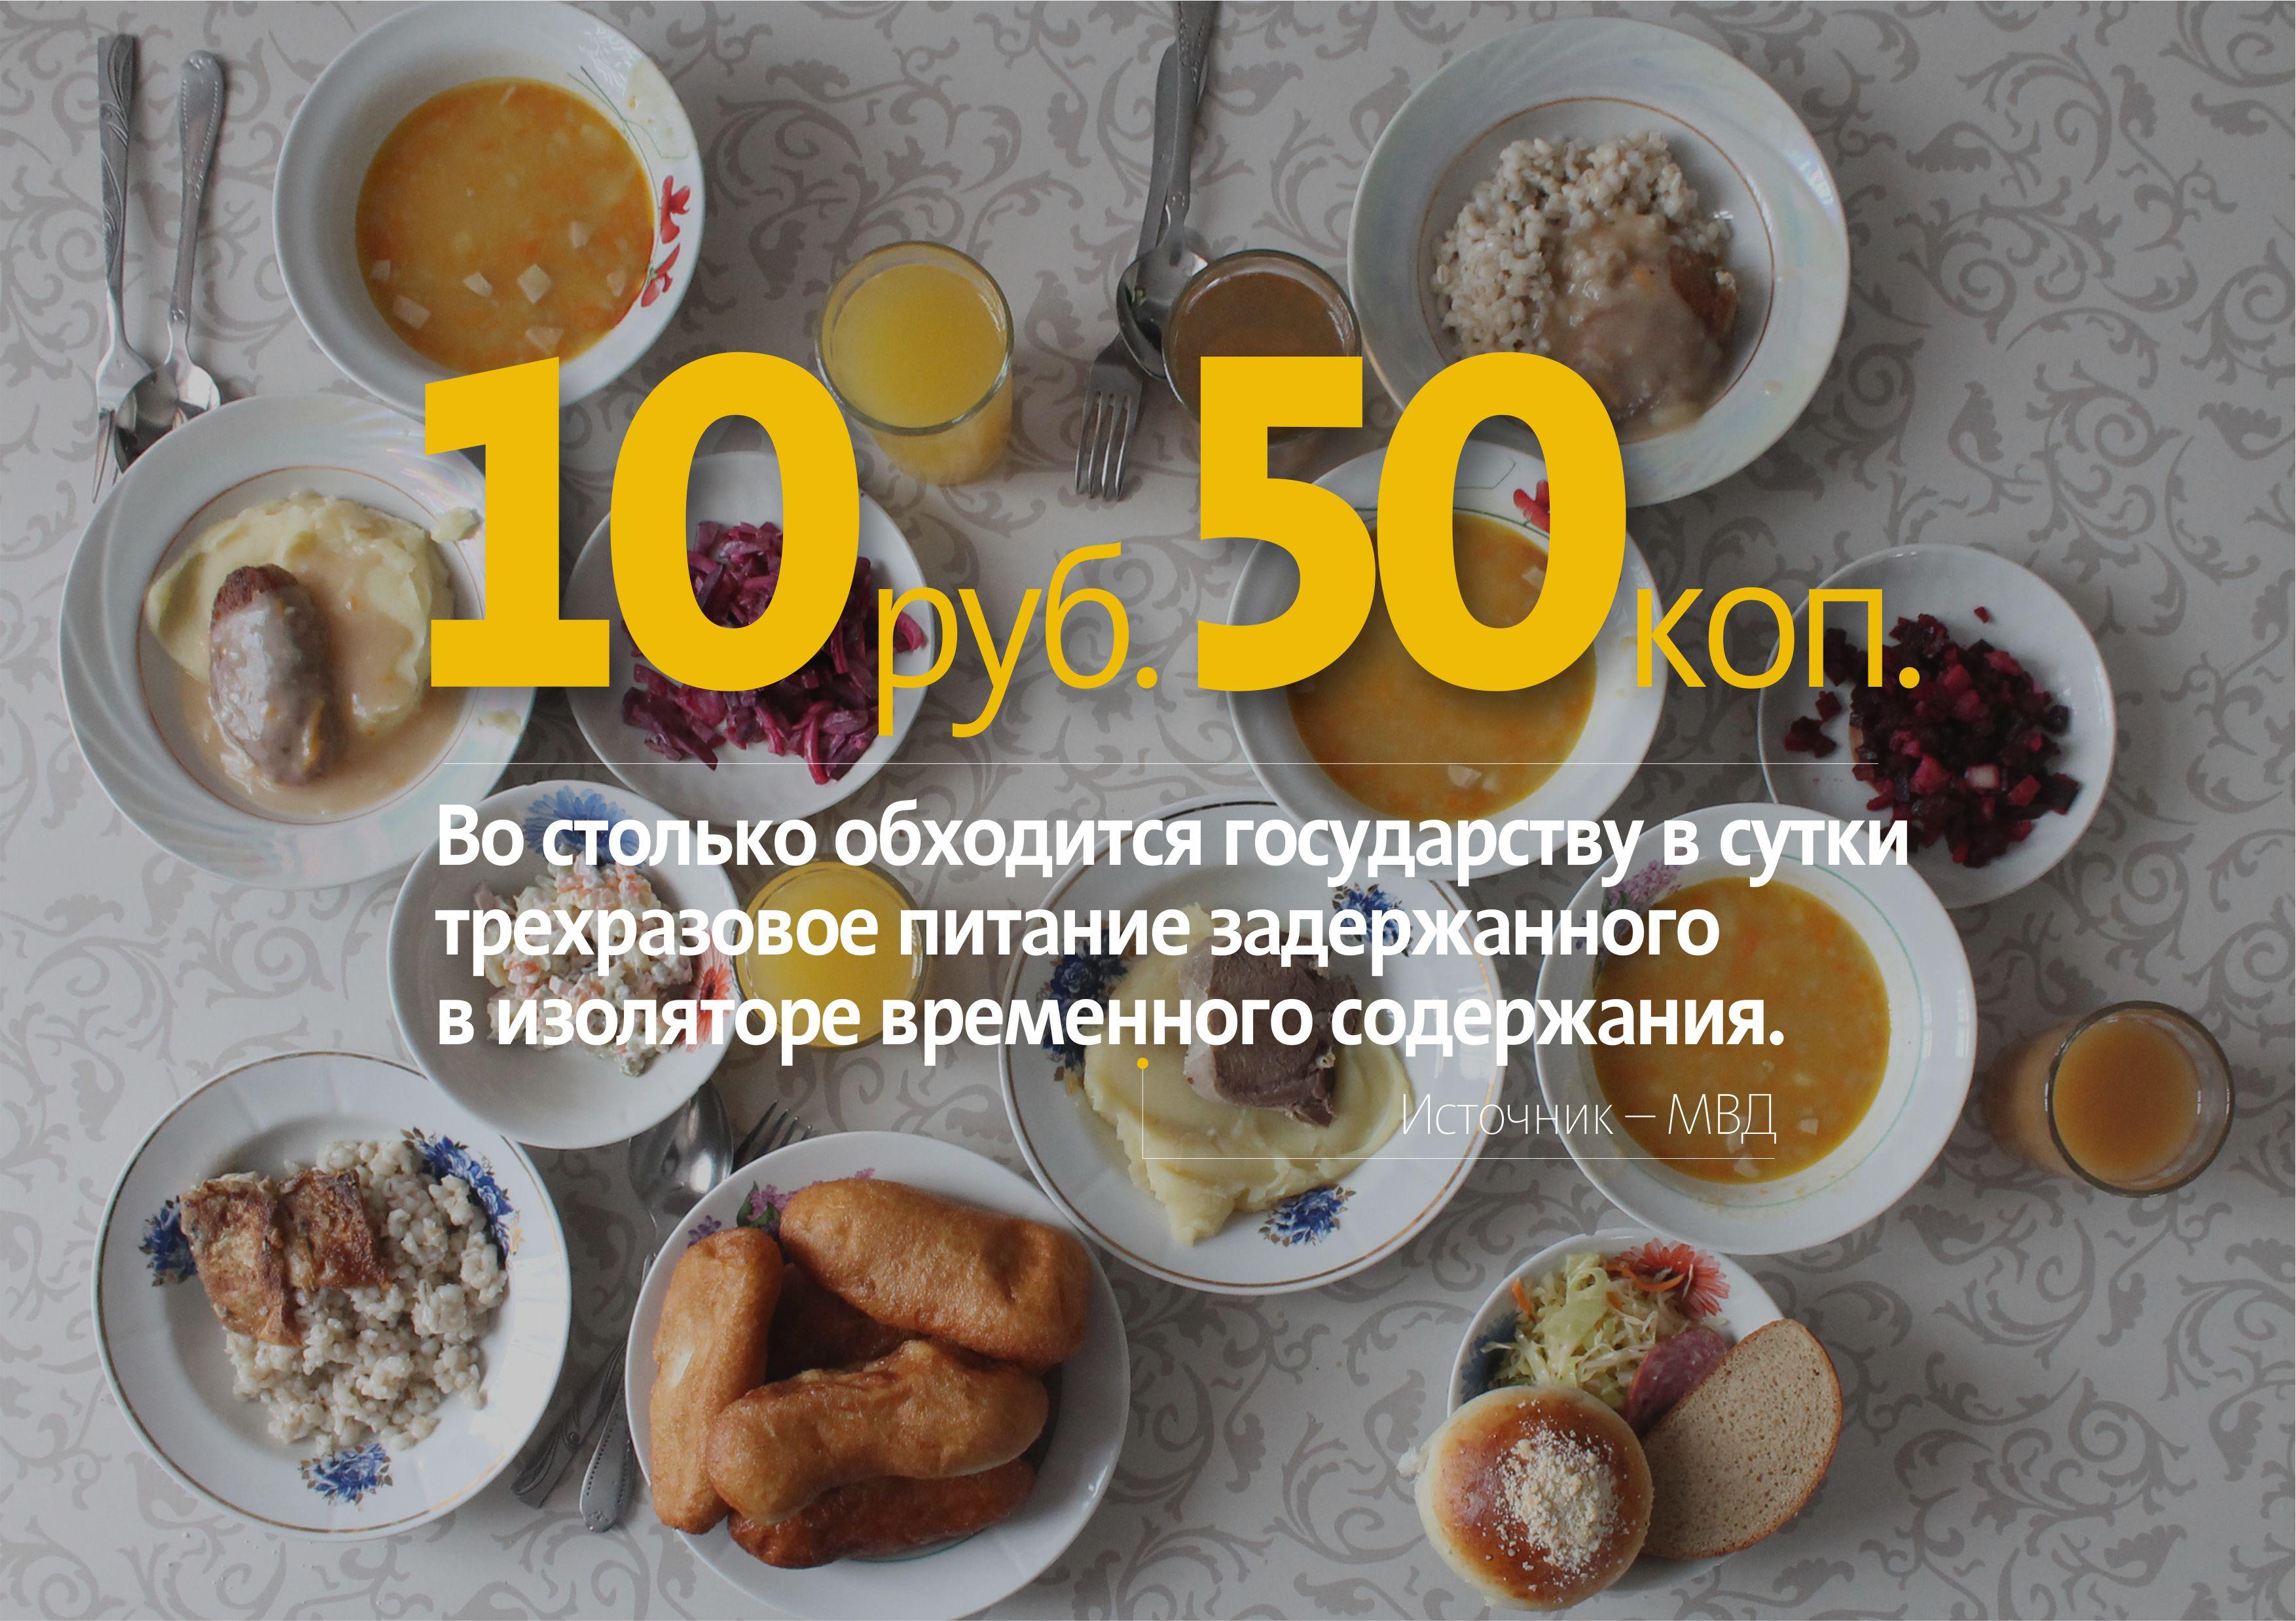 Трехразовое питание человека, который находится в ИВС, стоит 10,5 рублей. Инфографика: Петр КАРАСЮК